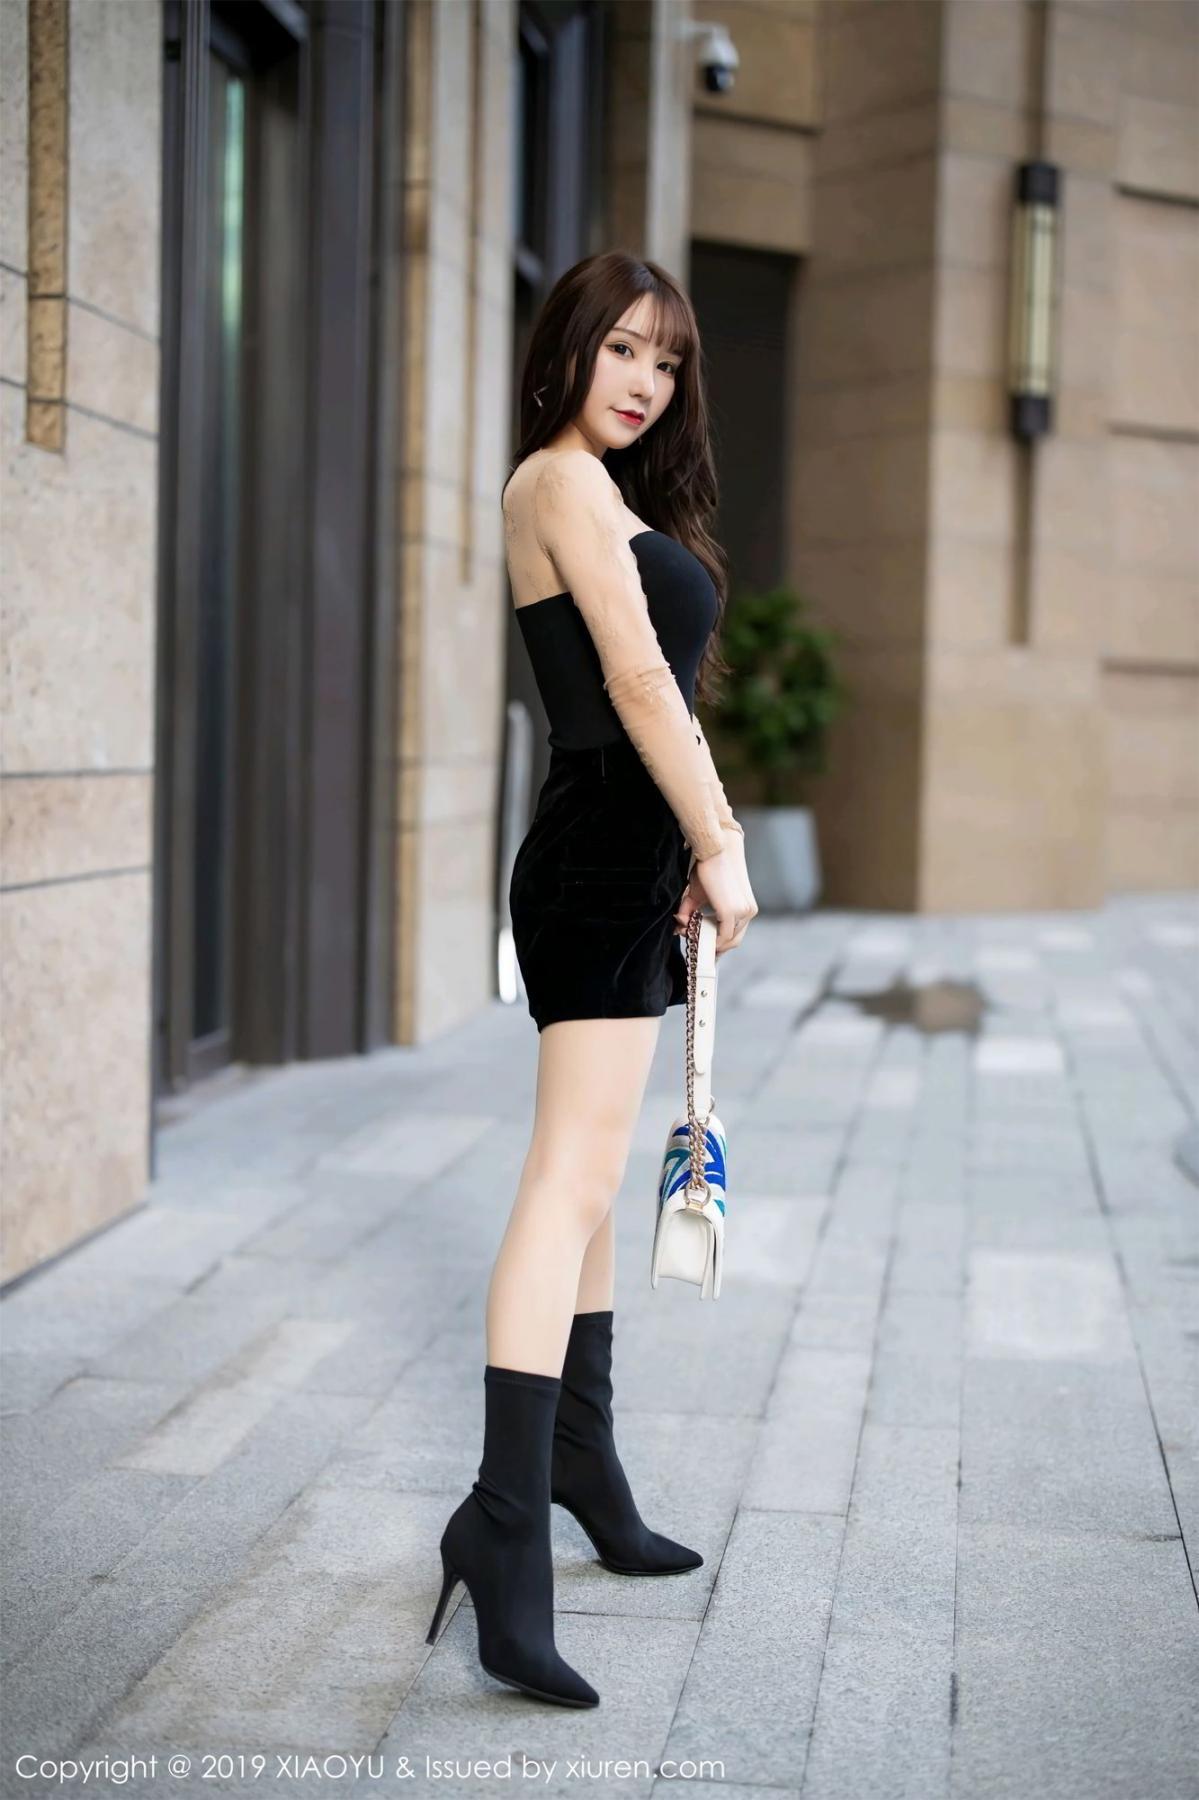 [XiaoYu] Vol.125 Zhou Yu Xi 6P, Foot, Tall, XiaoYu, Zhou Yu Xi